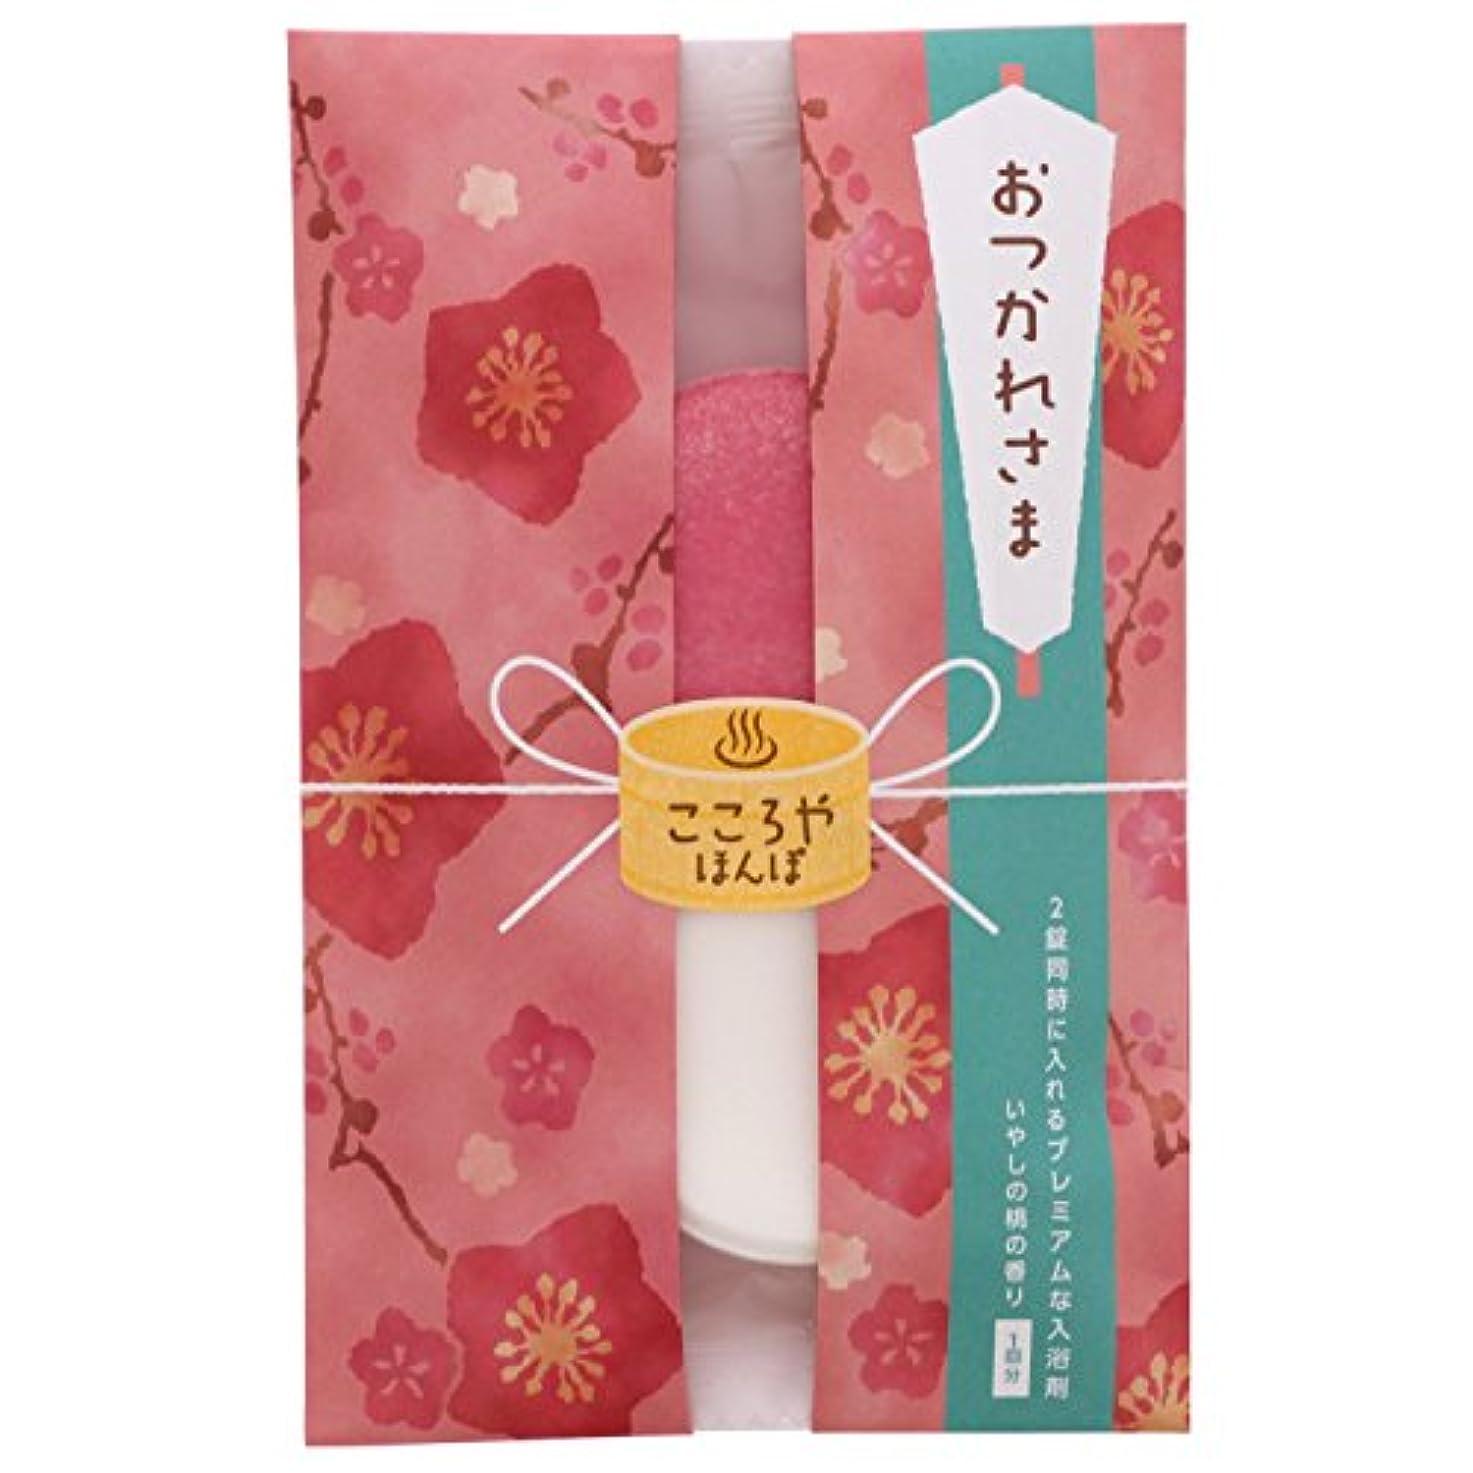 適用済みダルセット結婚こころやほんぽ カジュアルギフト 入浴剤 おつかれさま 桃の香り 50g